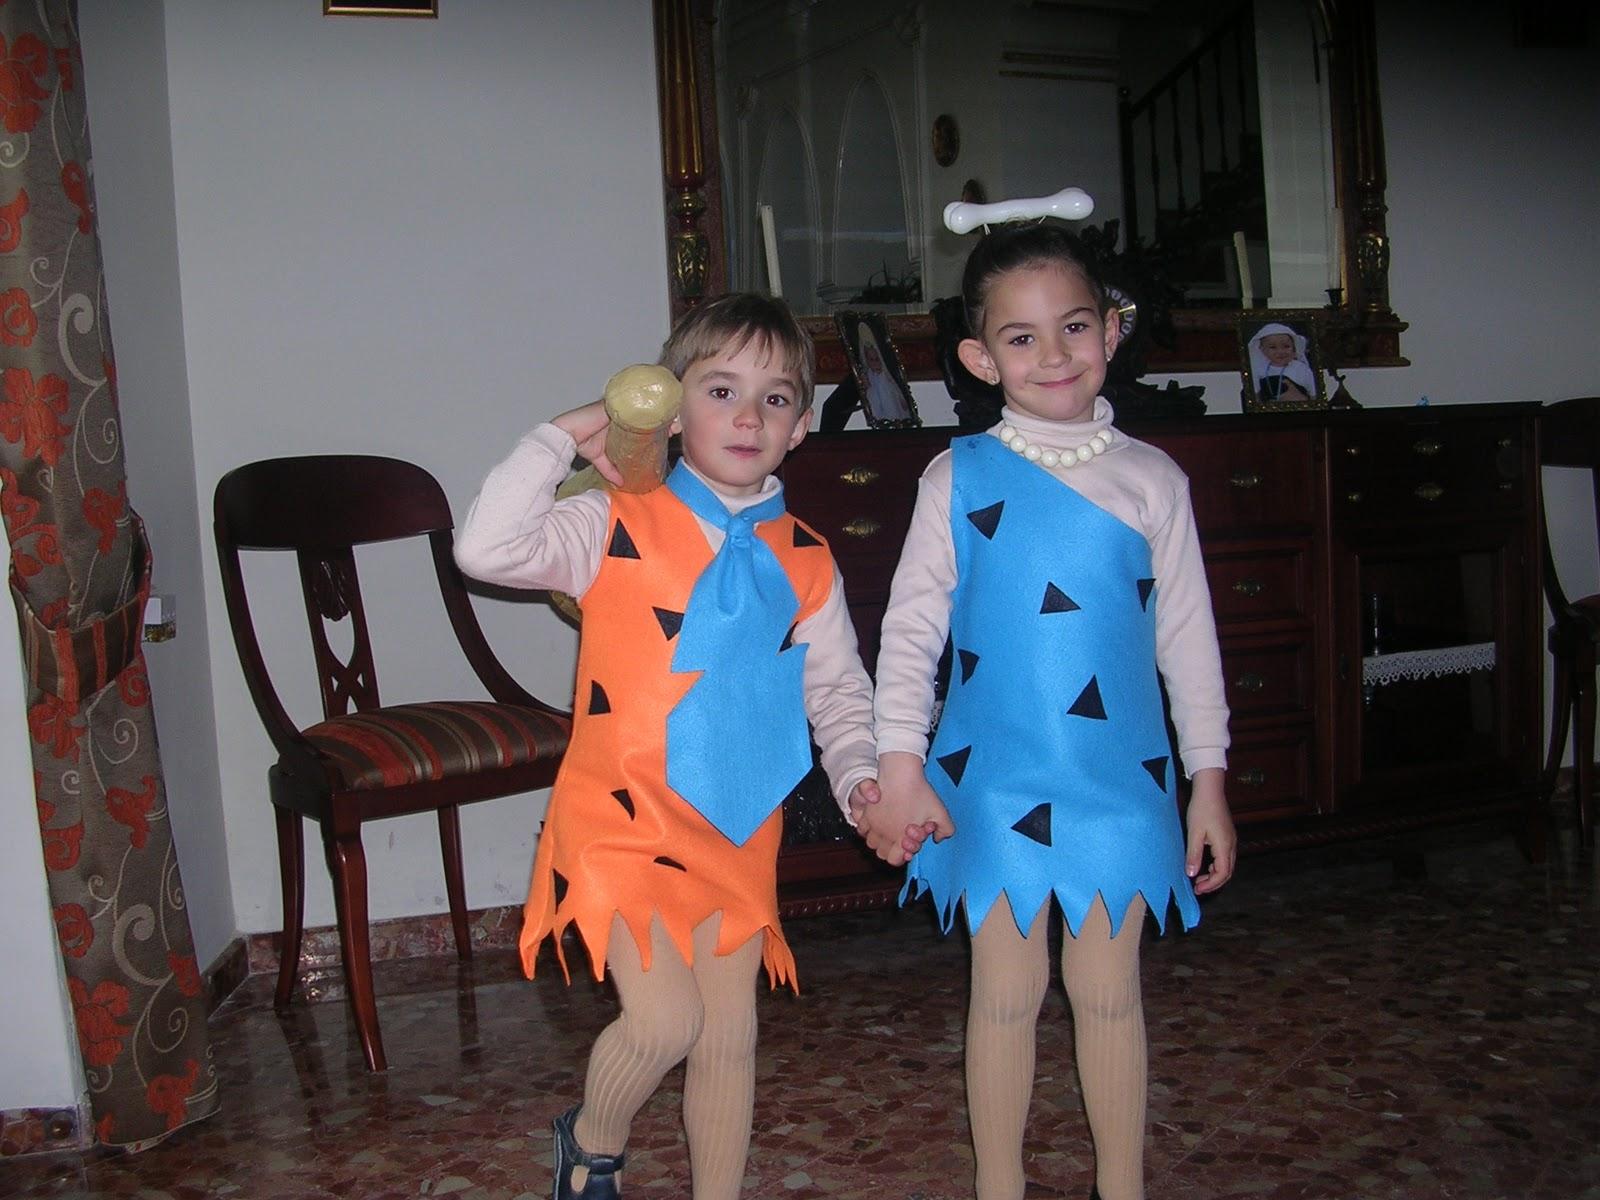 Con Aguja E Hilo Y Algo Mas Carnaval 2a Parte La Familia Picapiedra - Disfraz-familia-picapiedra